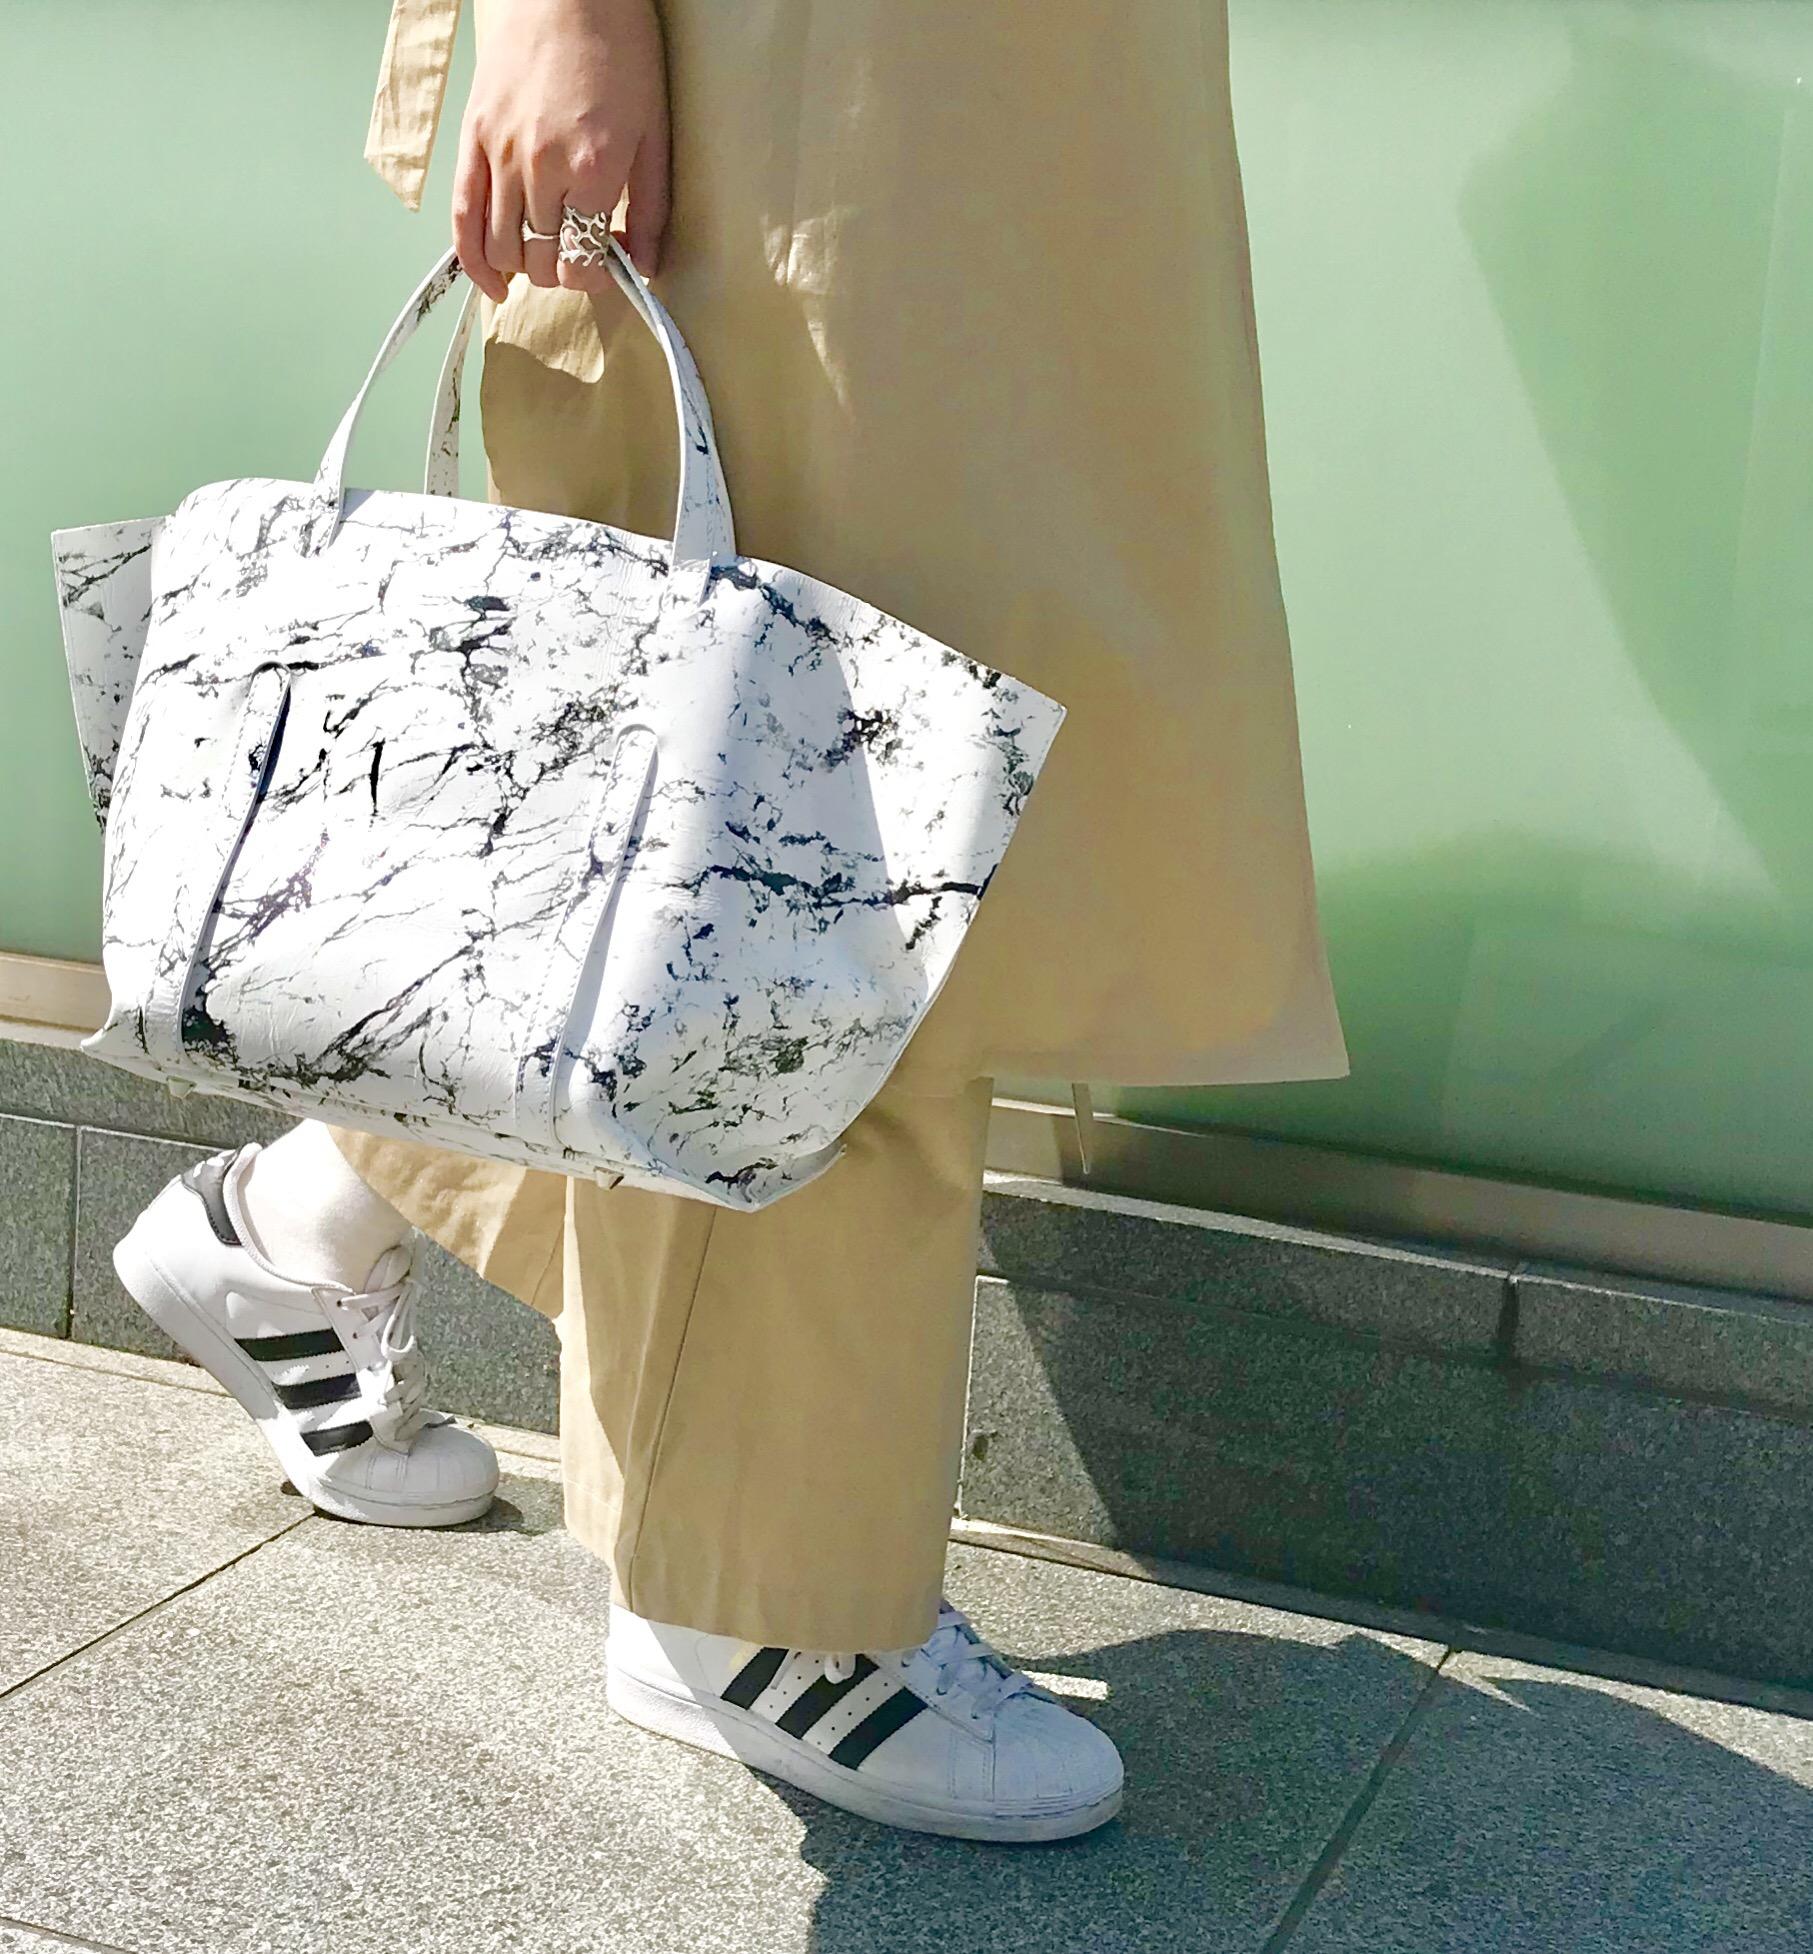 スクラップブック アトネック ScrapBook atneK 有楽町マルイ トートバック バック bag tote bag 大理石柄 大理石 シルバー メタリック 可愛い 可愛いバッグ